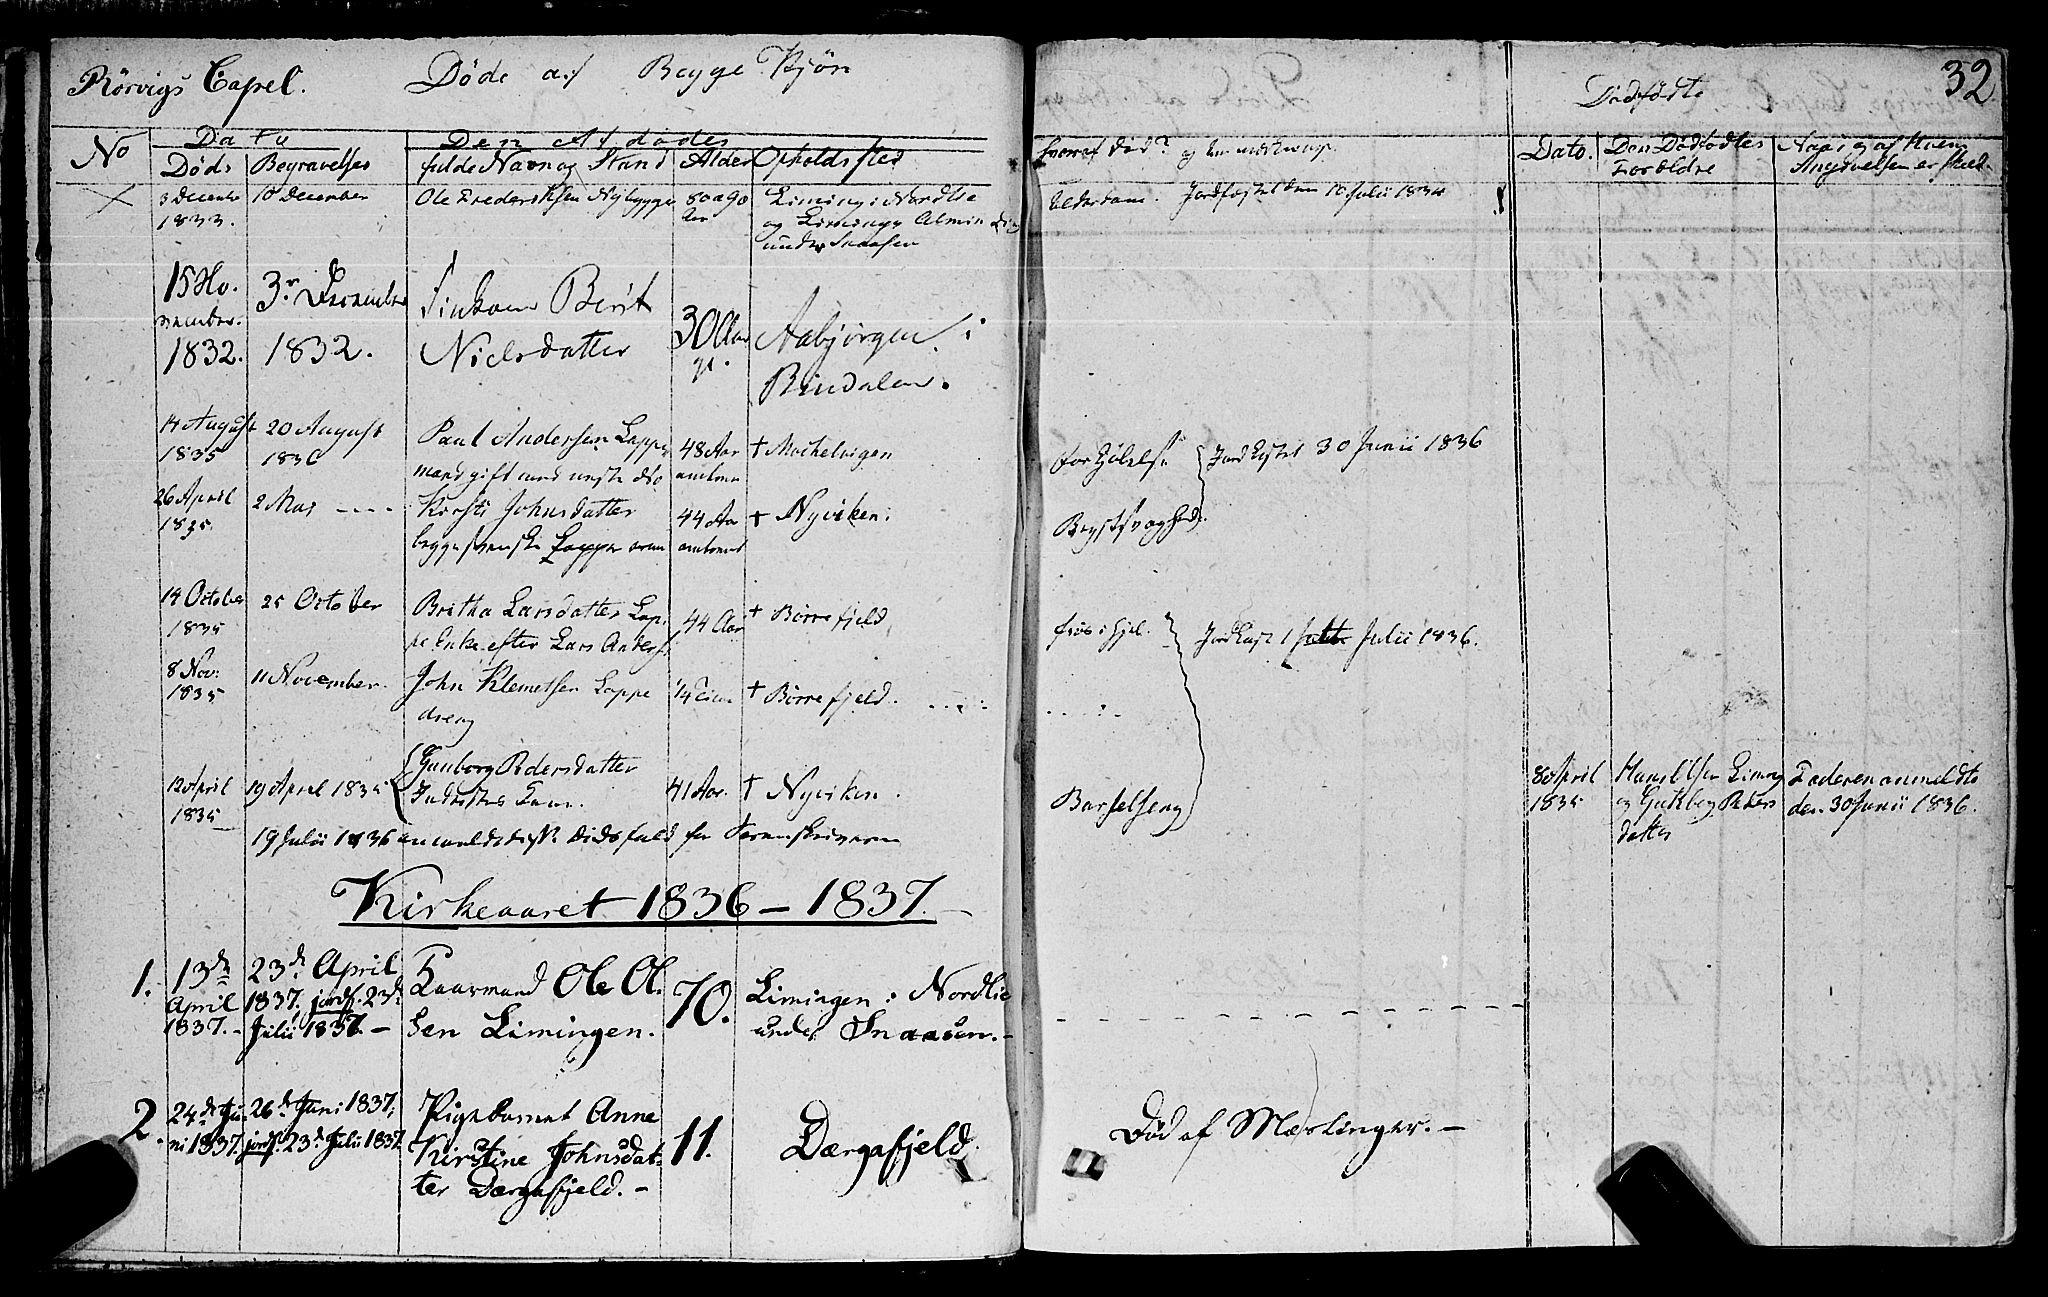 SAT, Ministerialprotokoller, klokkerbøker og fødselsregistre - Nord-Trøndelag, 762/L0538: Ministerialbok nr. 762A02 /1, 1833-1879, s. 32